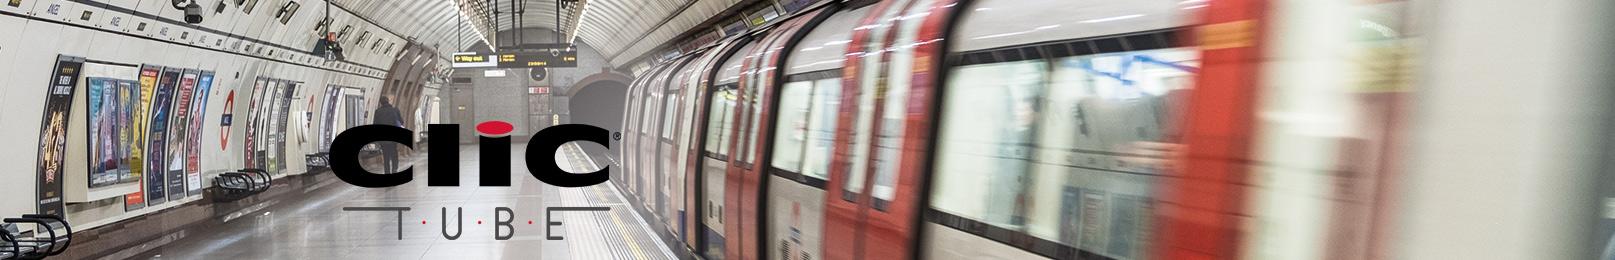 CliC Tube